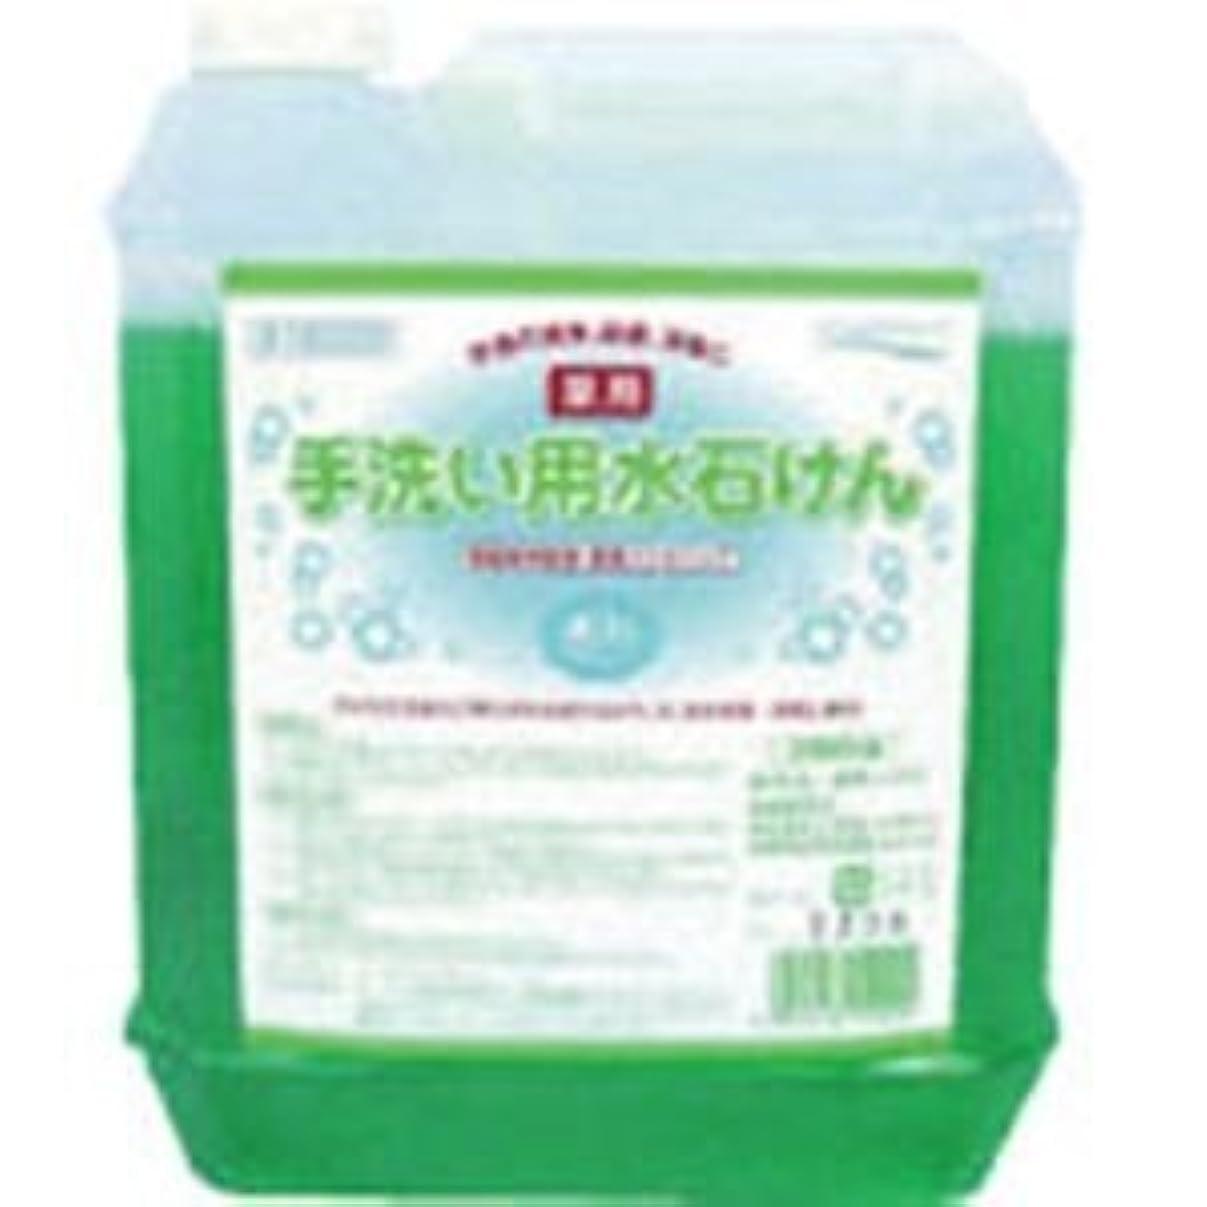 監督する価値のないボイド医薬部外品 泡タイプの薬用ハンドソープ 手洗い用水石けん5L×4個セット 15029-4